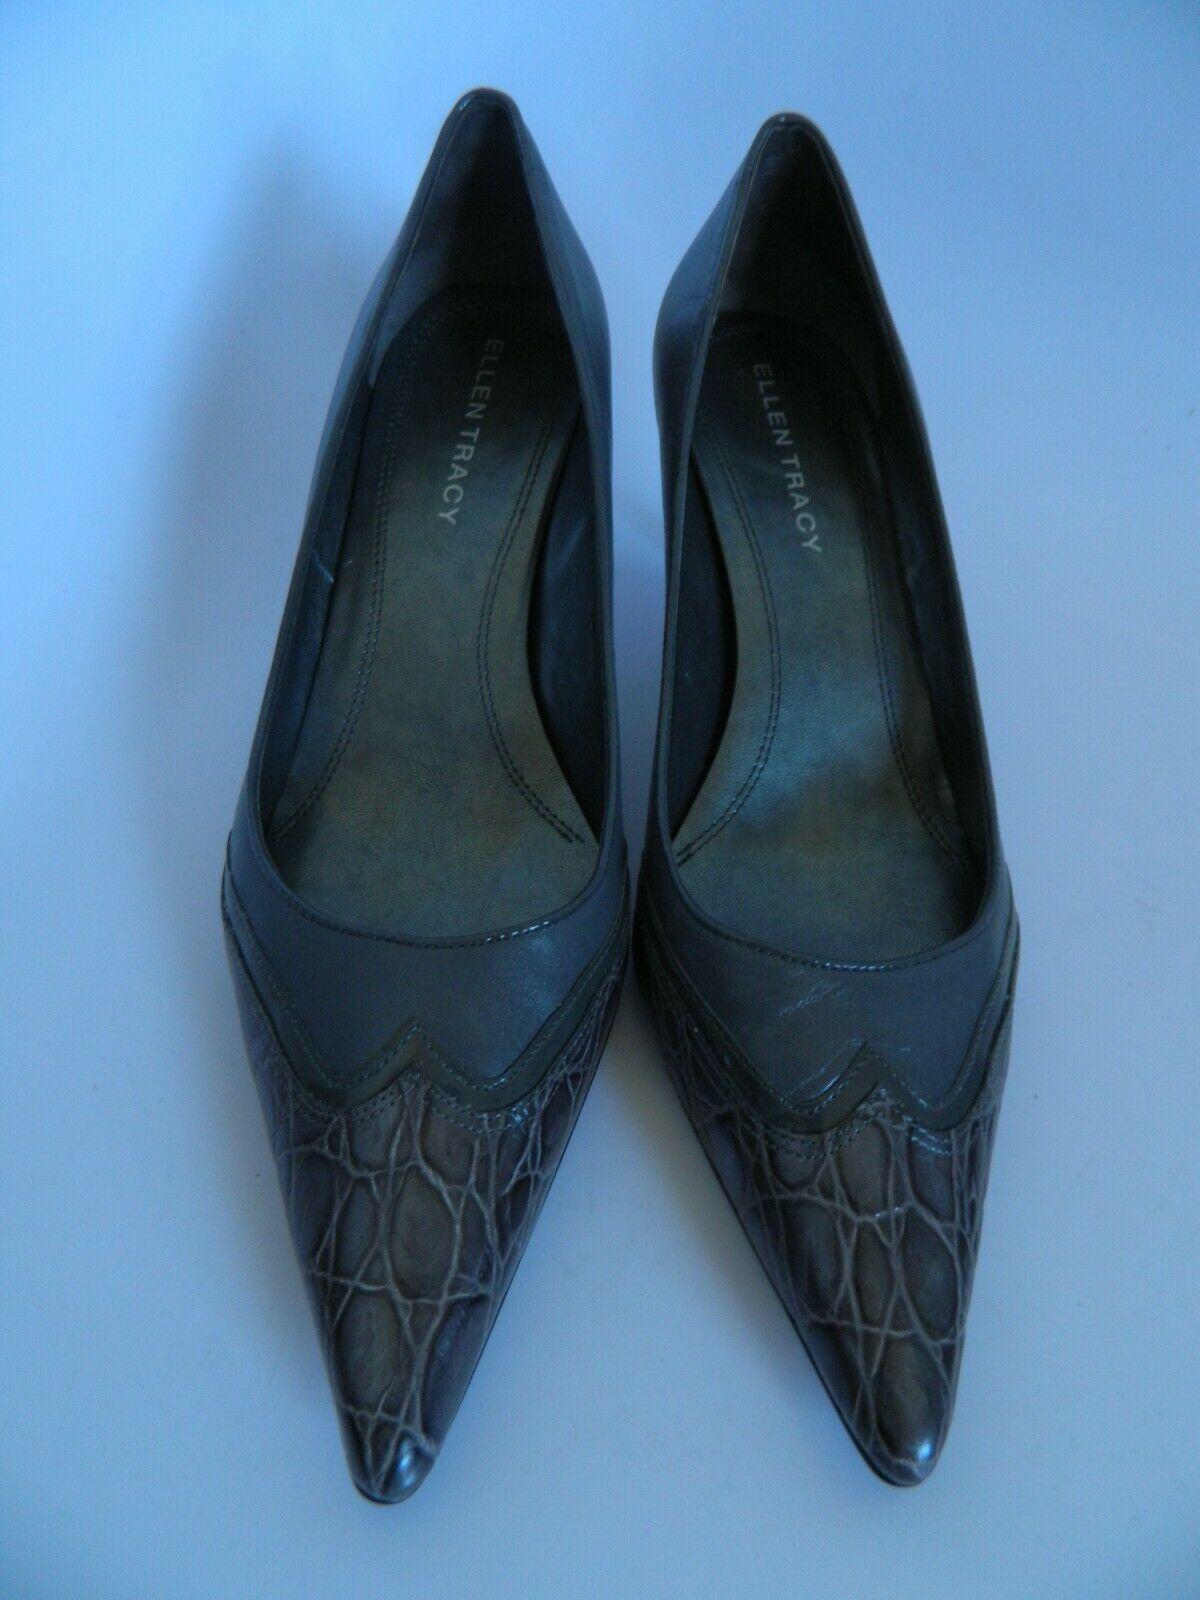 Ellen Tracy Gray w\Pattern Pumps Size 9.5M - $28.99